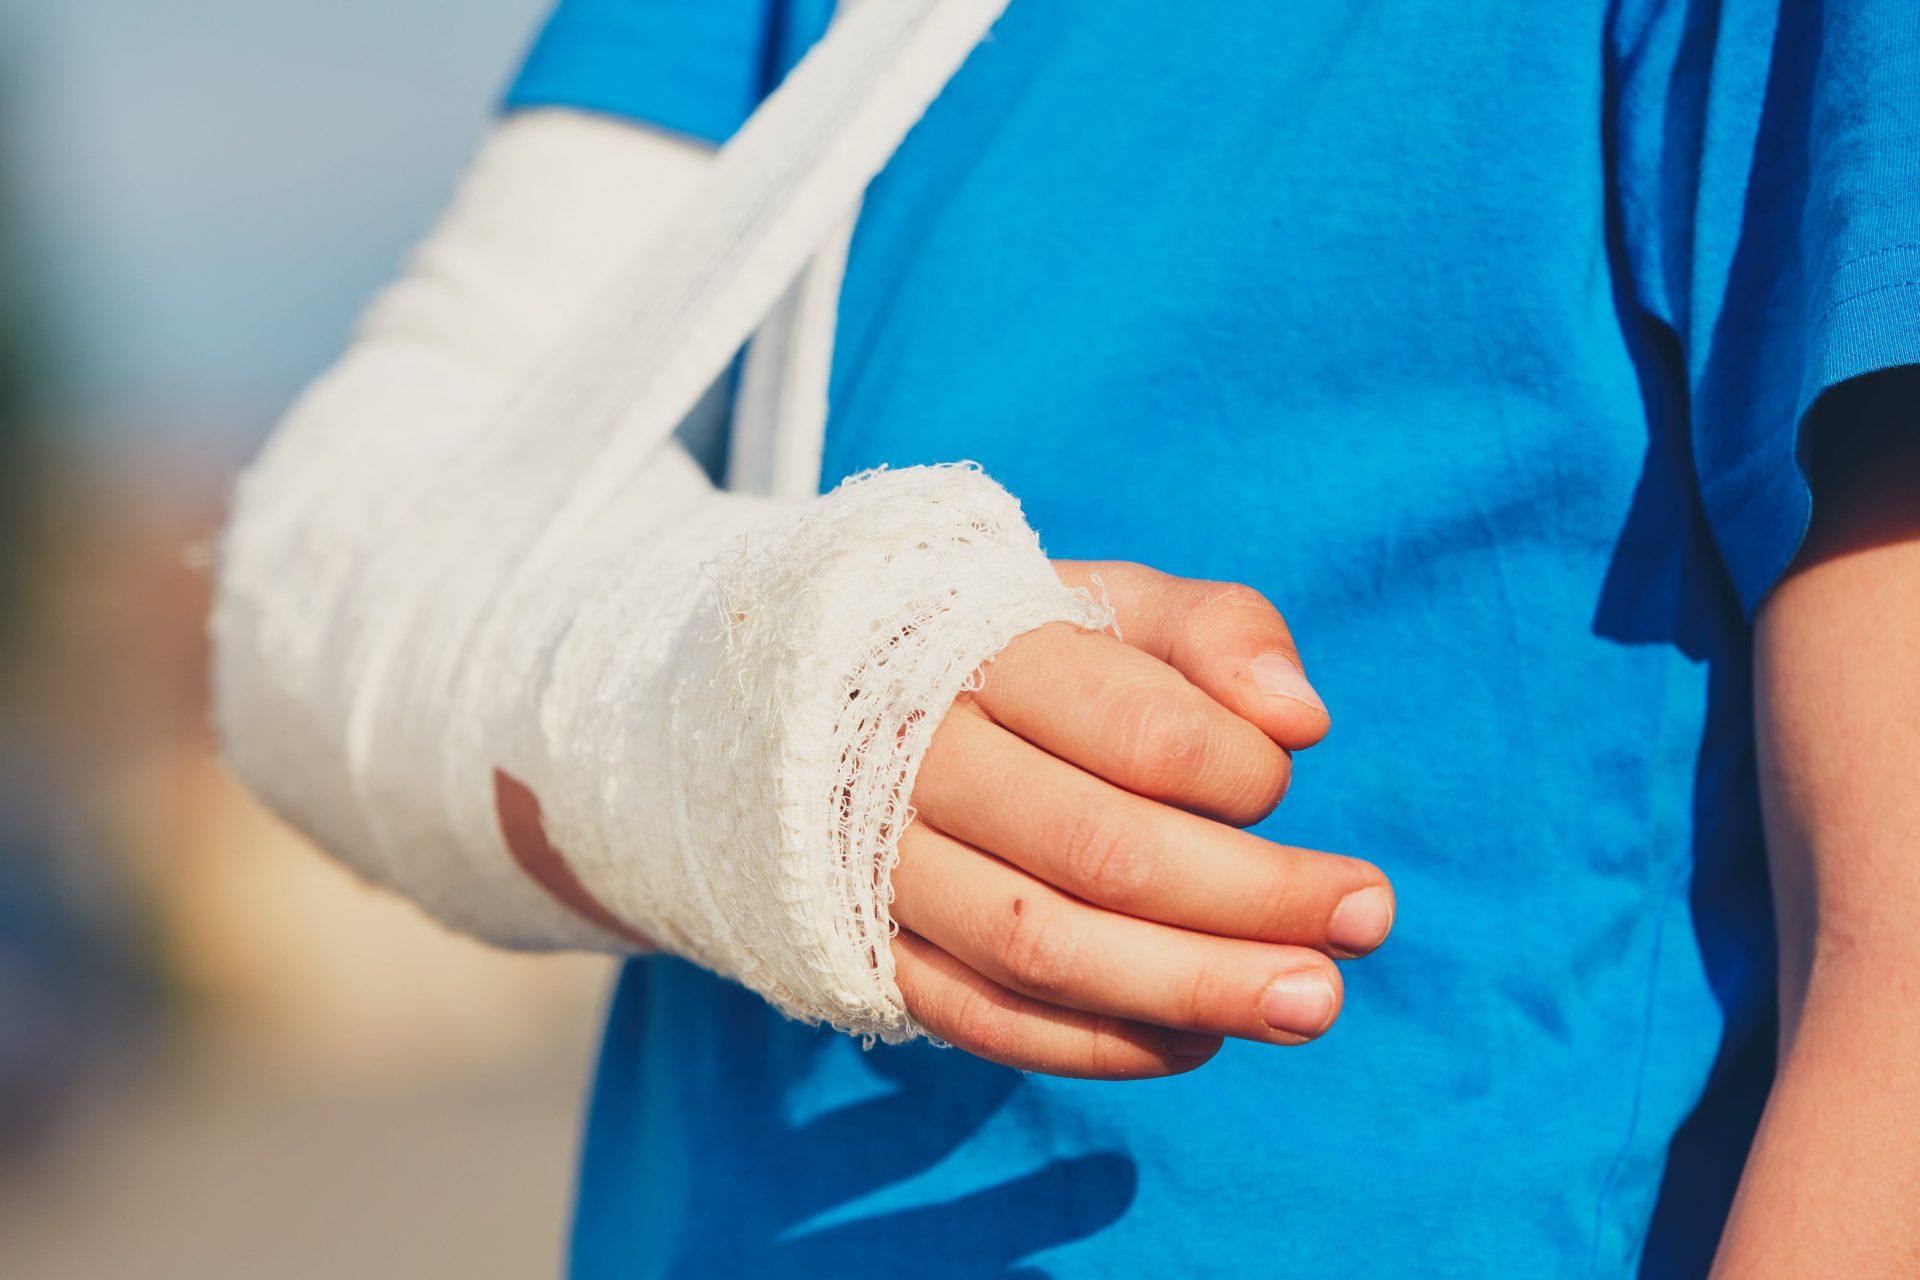 crush-injury-under-pressure-hyperbarics